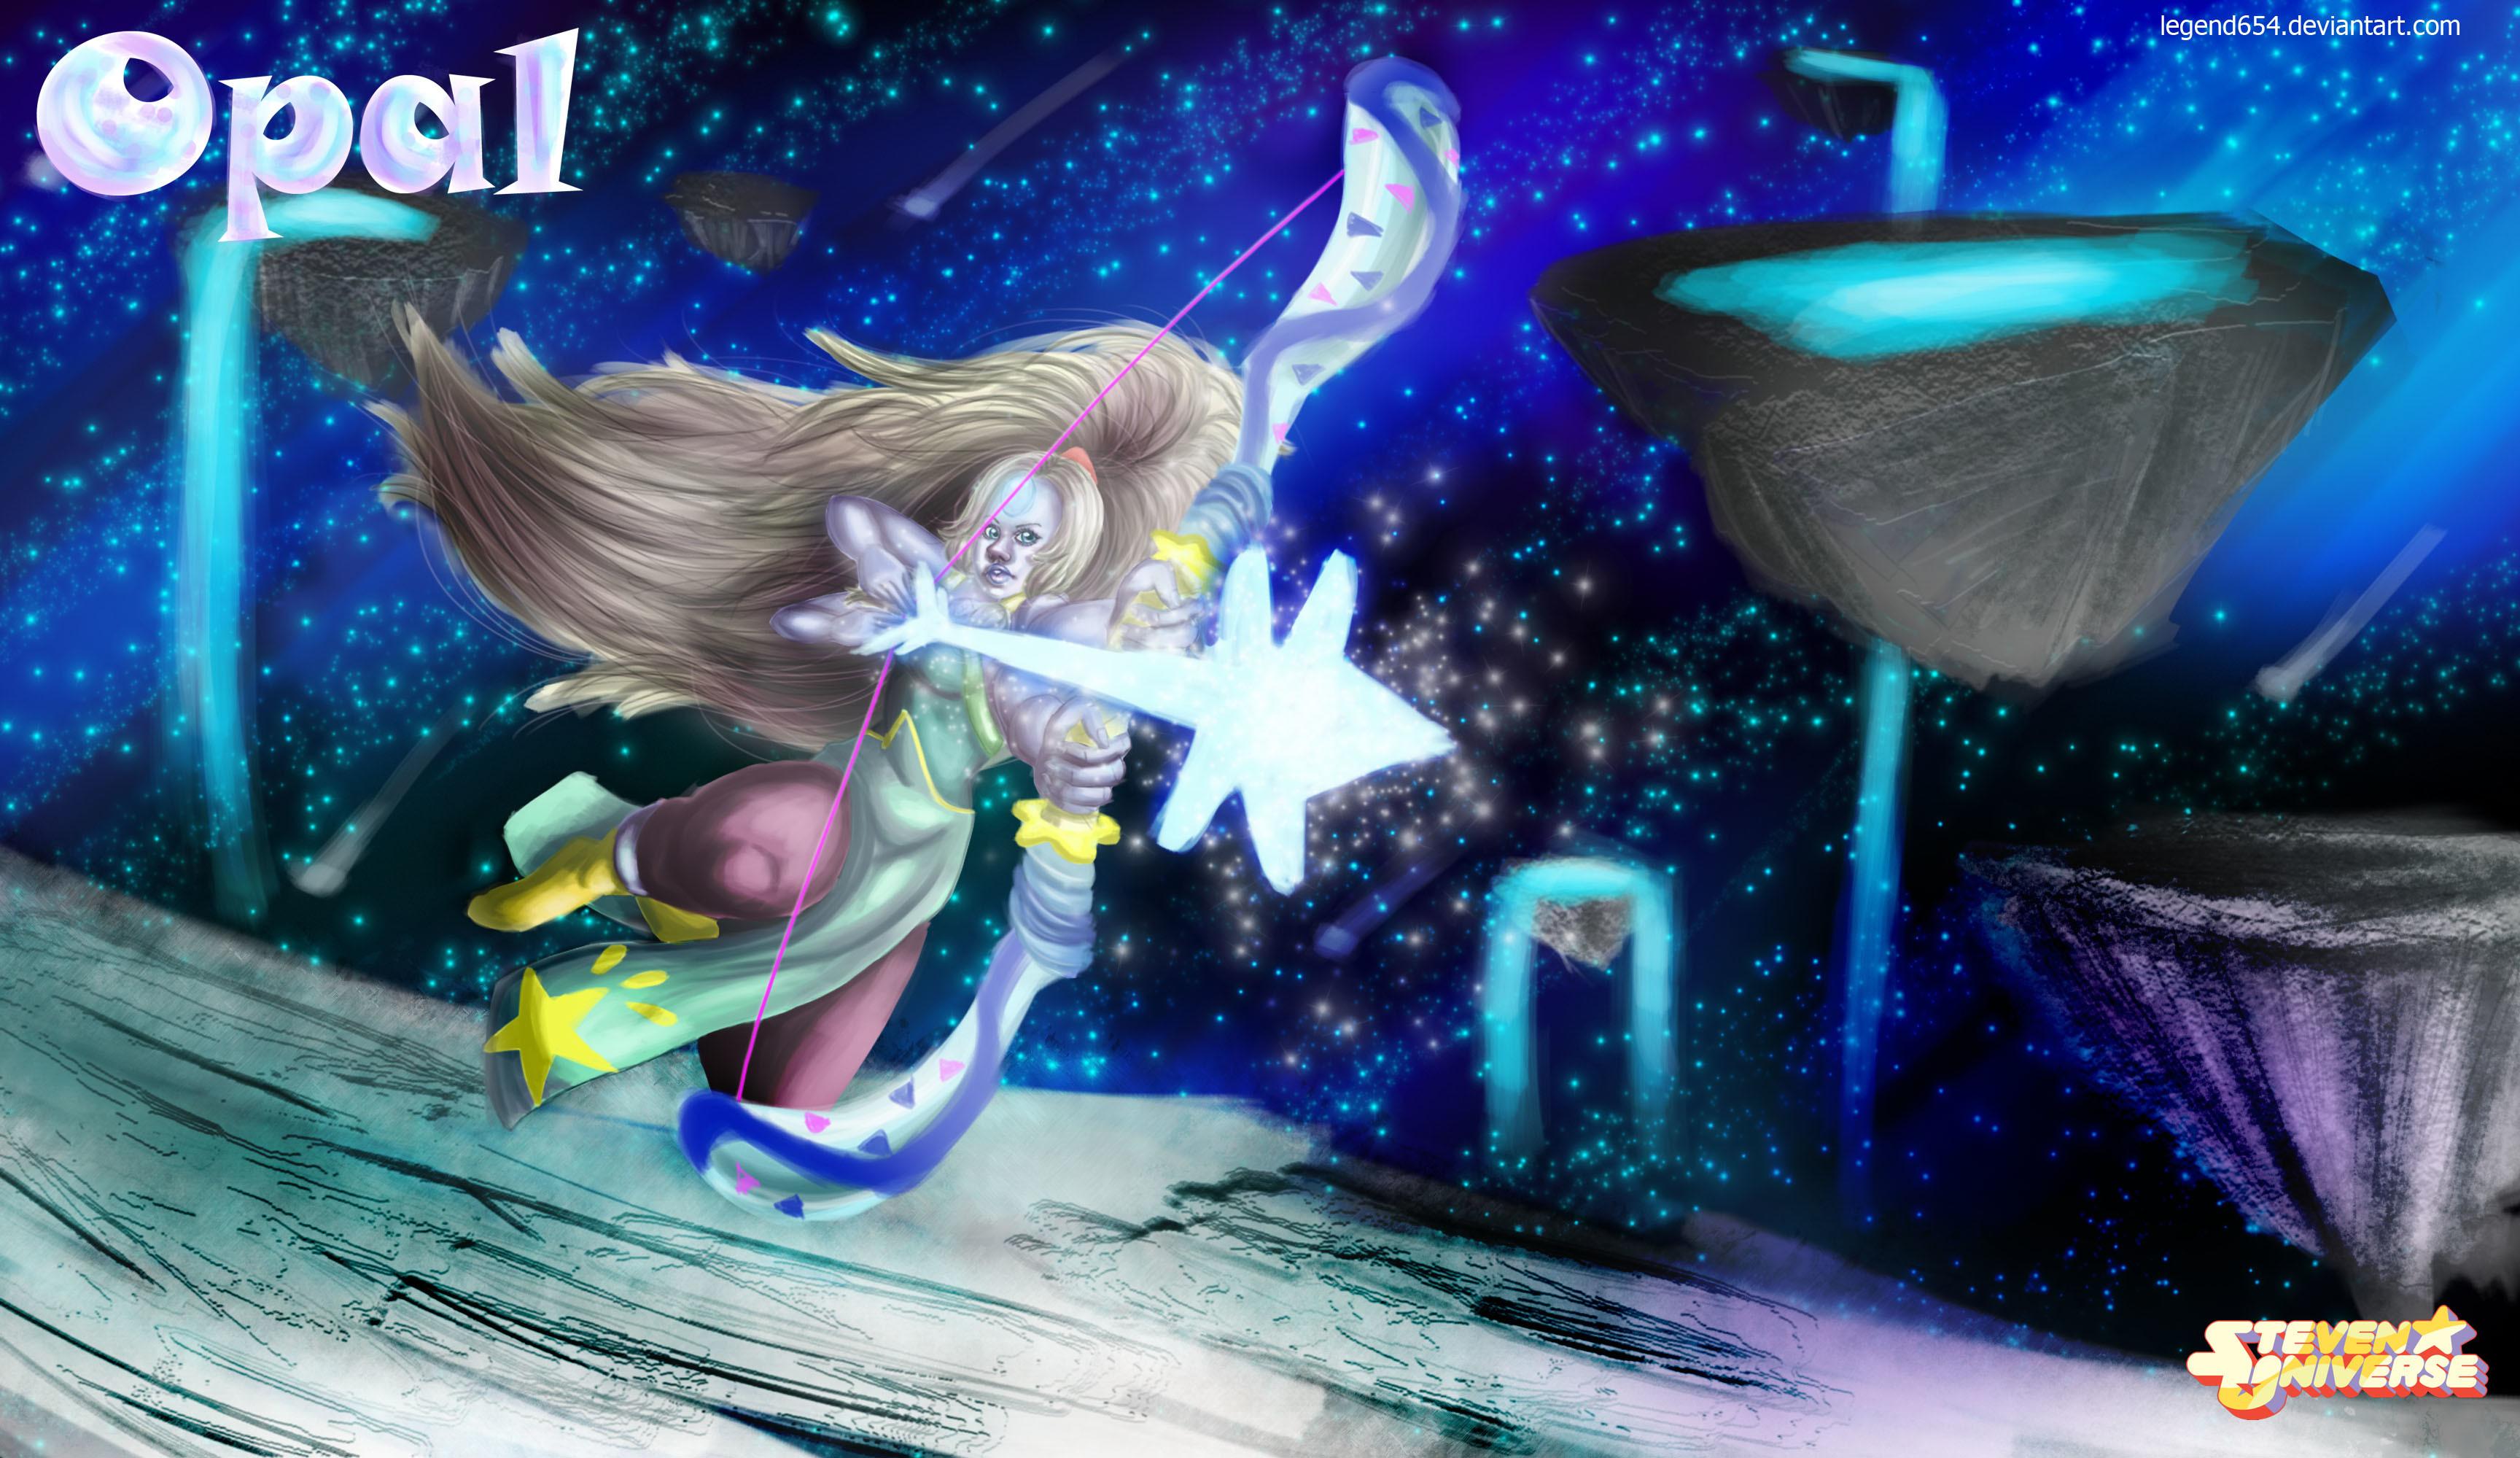 Steven Universe Opal wallpaper by legend654 Steven Universe Opal wallpaper  by legend654